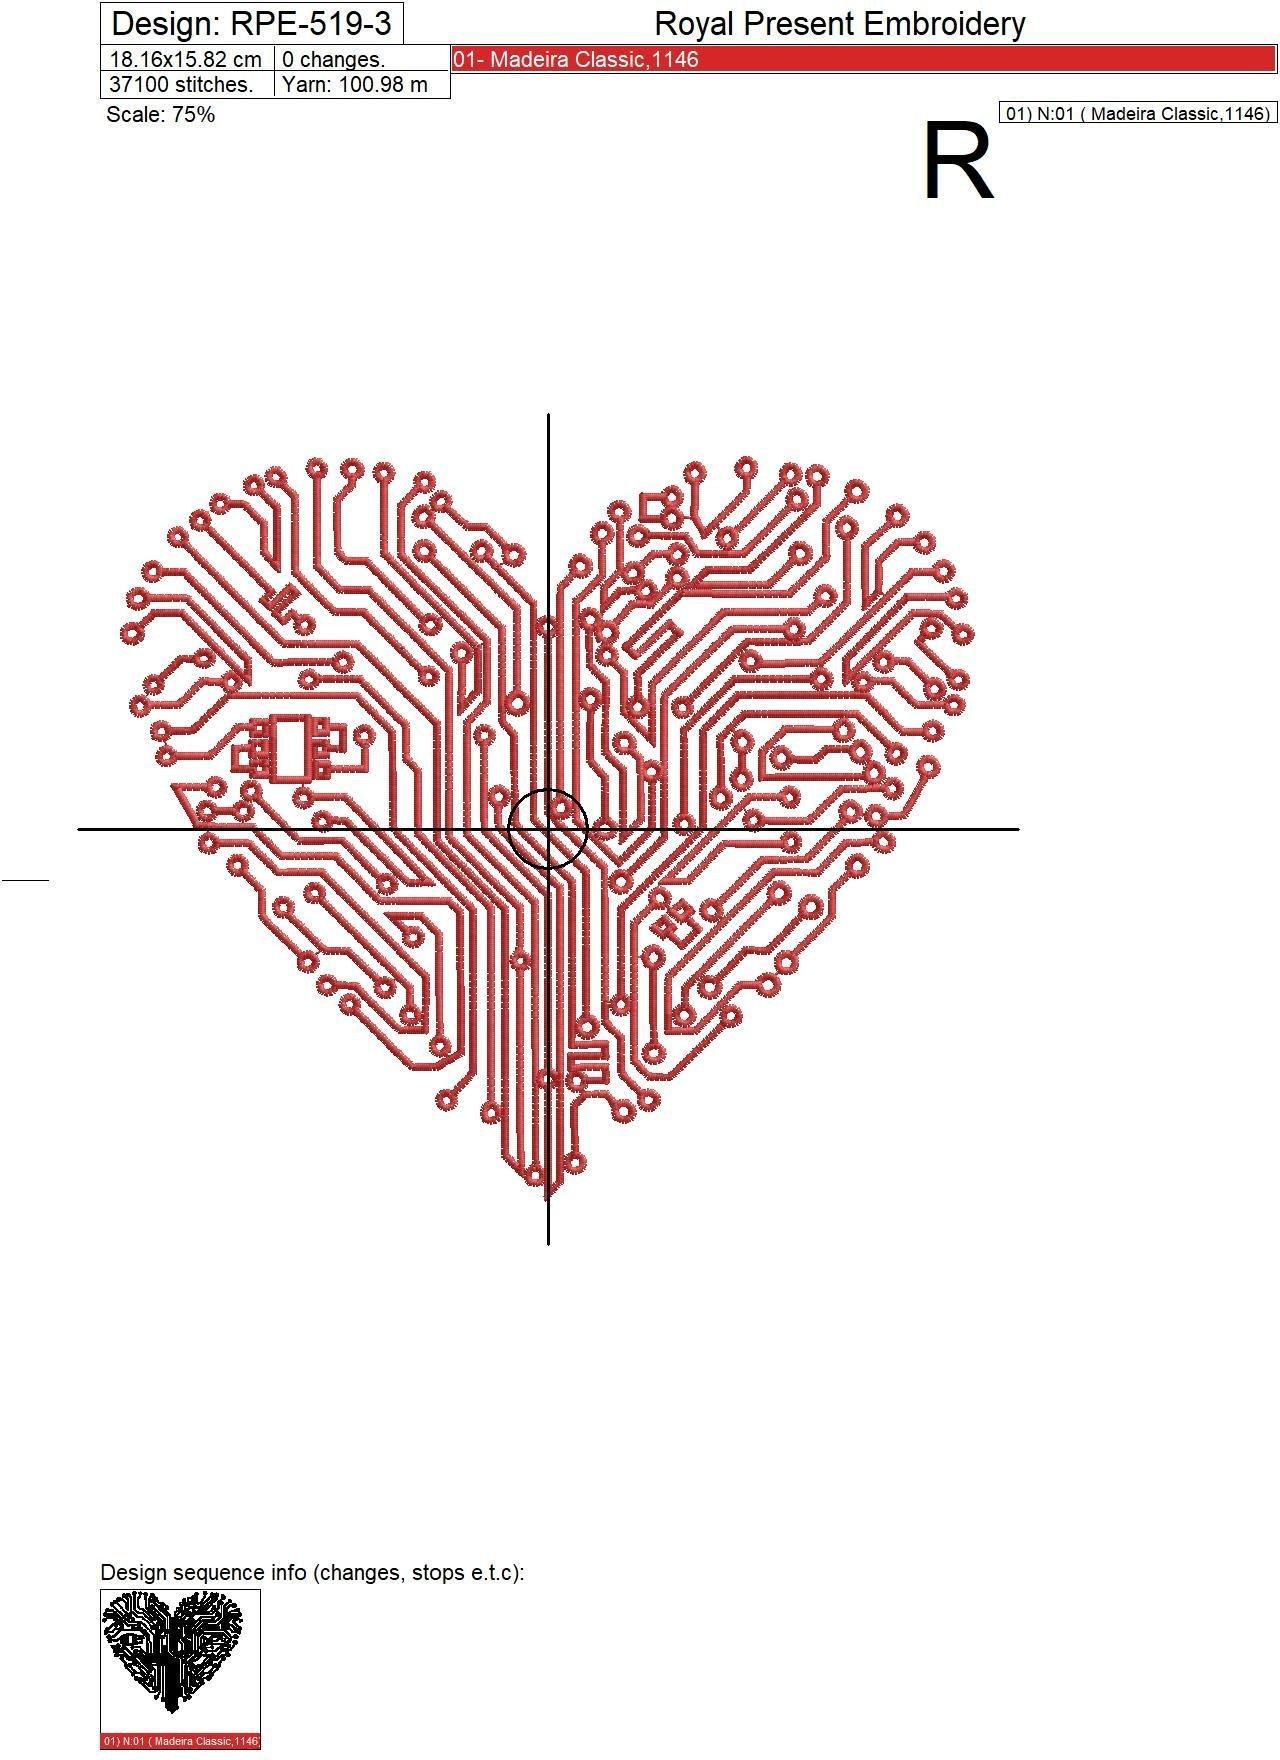 Дизайн для машинной вышивки Компьютерное сердце - 5 размеров